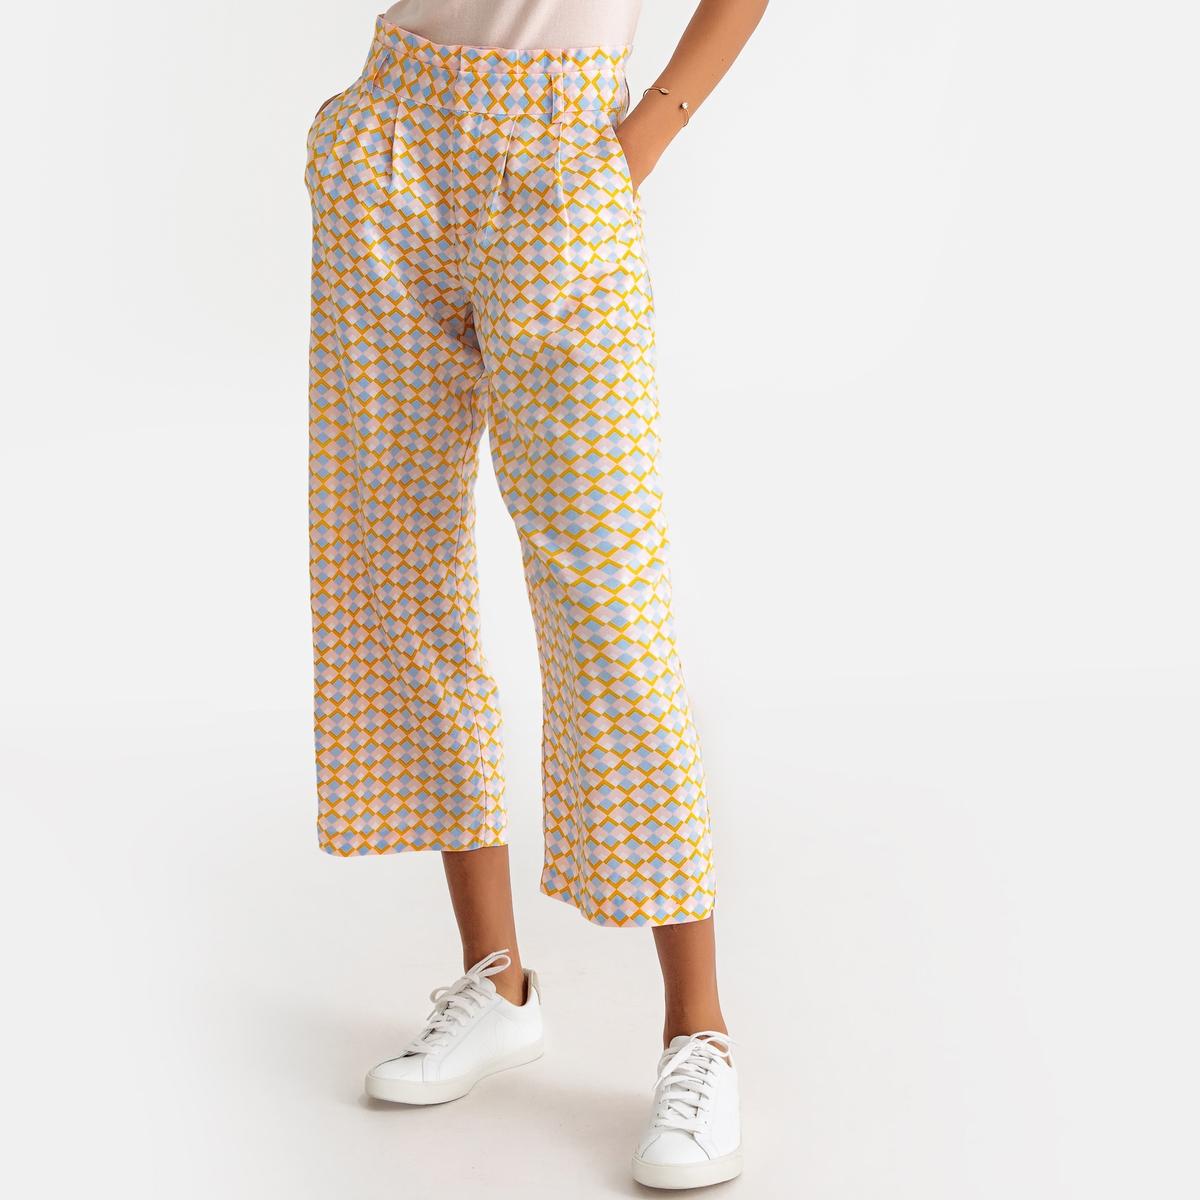 Юбка-брюки La Redoute С завышенной талией с рисунком 34 (FR) - 40 (RUS) желтый юбка la redoute короткая с завышенной талией и цветочным рисунком xs зеленый